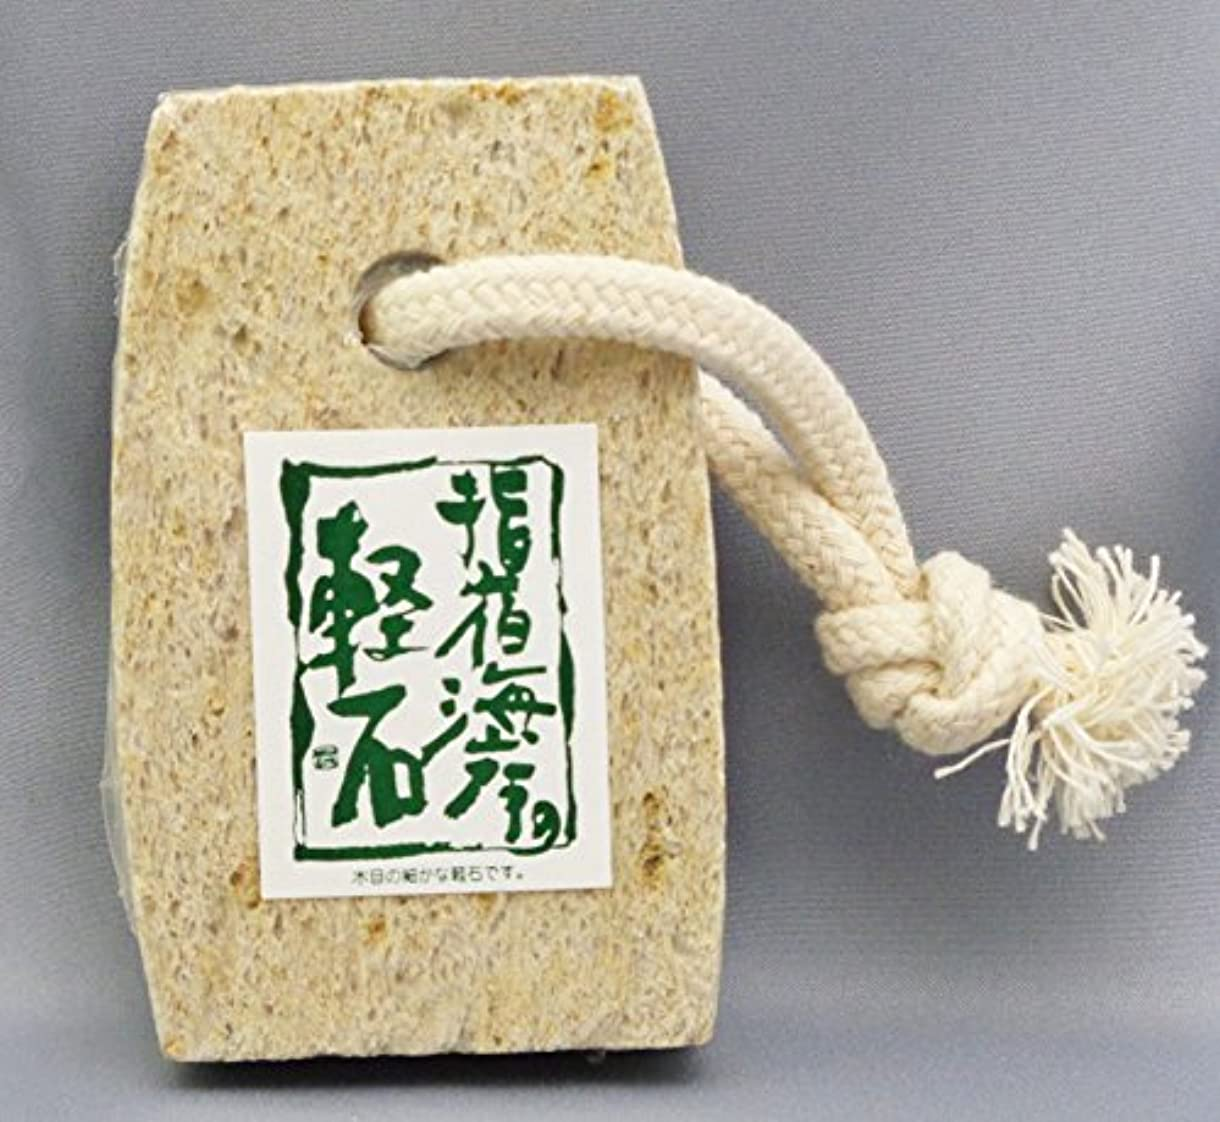 怠感マント風邪をひくシオザキ No.3 中判軽石 (ヒモ付き)指宿の軽石